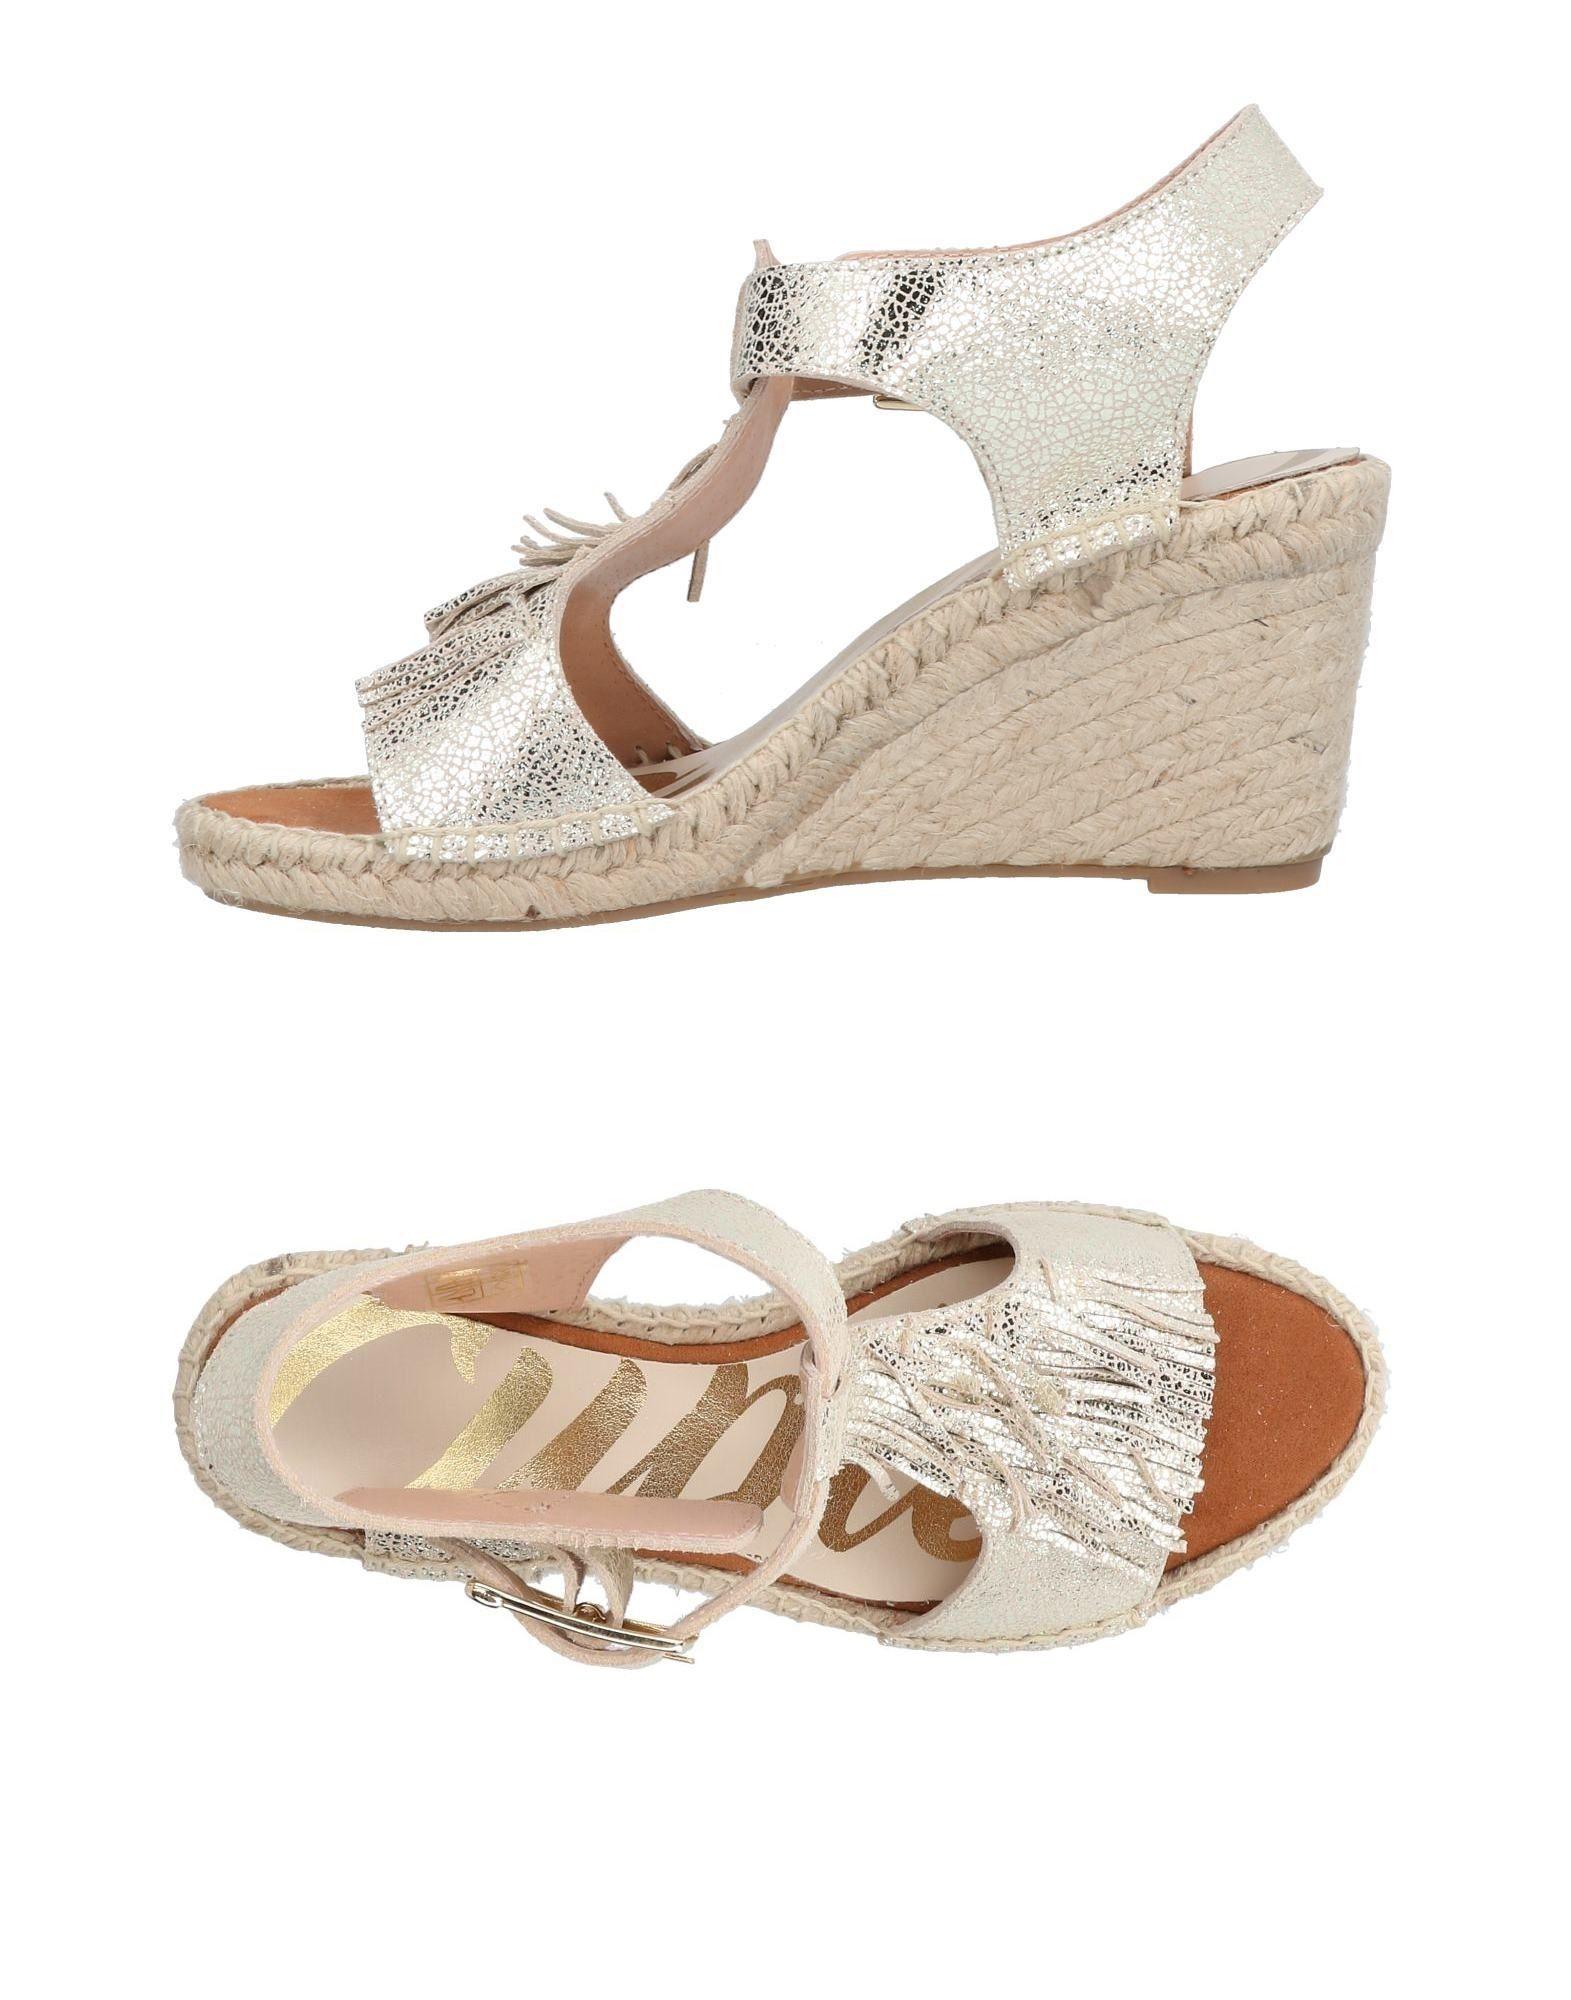 Cuplé Sandalen Damen  11451213KA Gute Qualität beliebte Schuhe